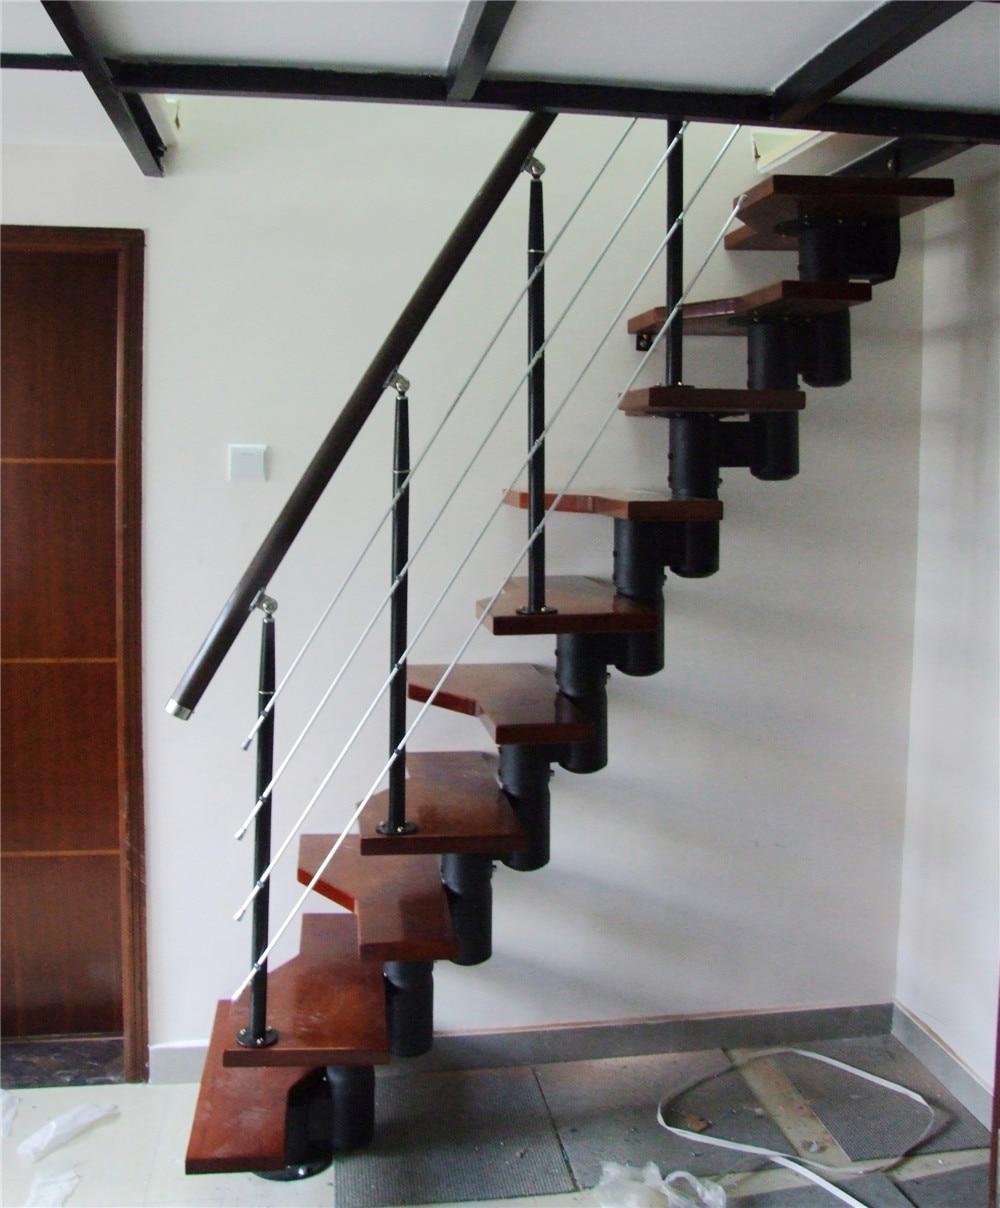 precios ms bajos precios barandilla de vidrio pasamanos de la escalera de madera interior